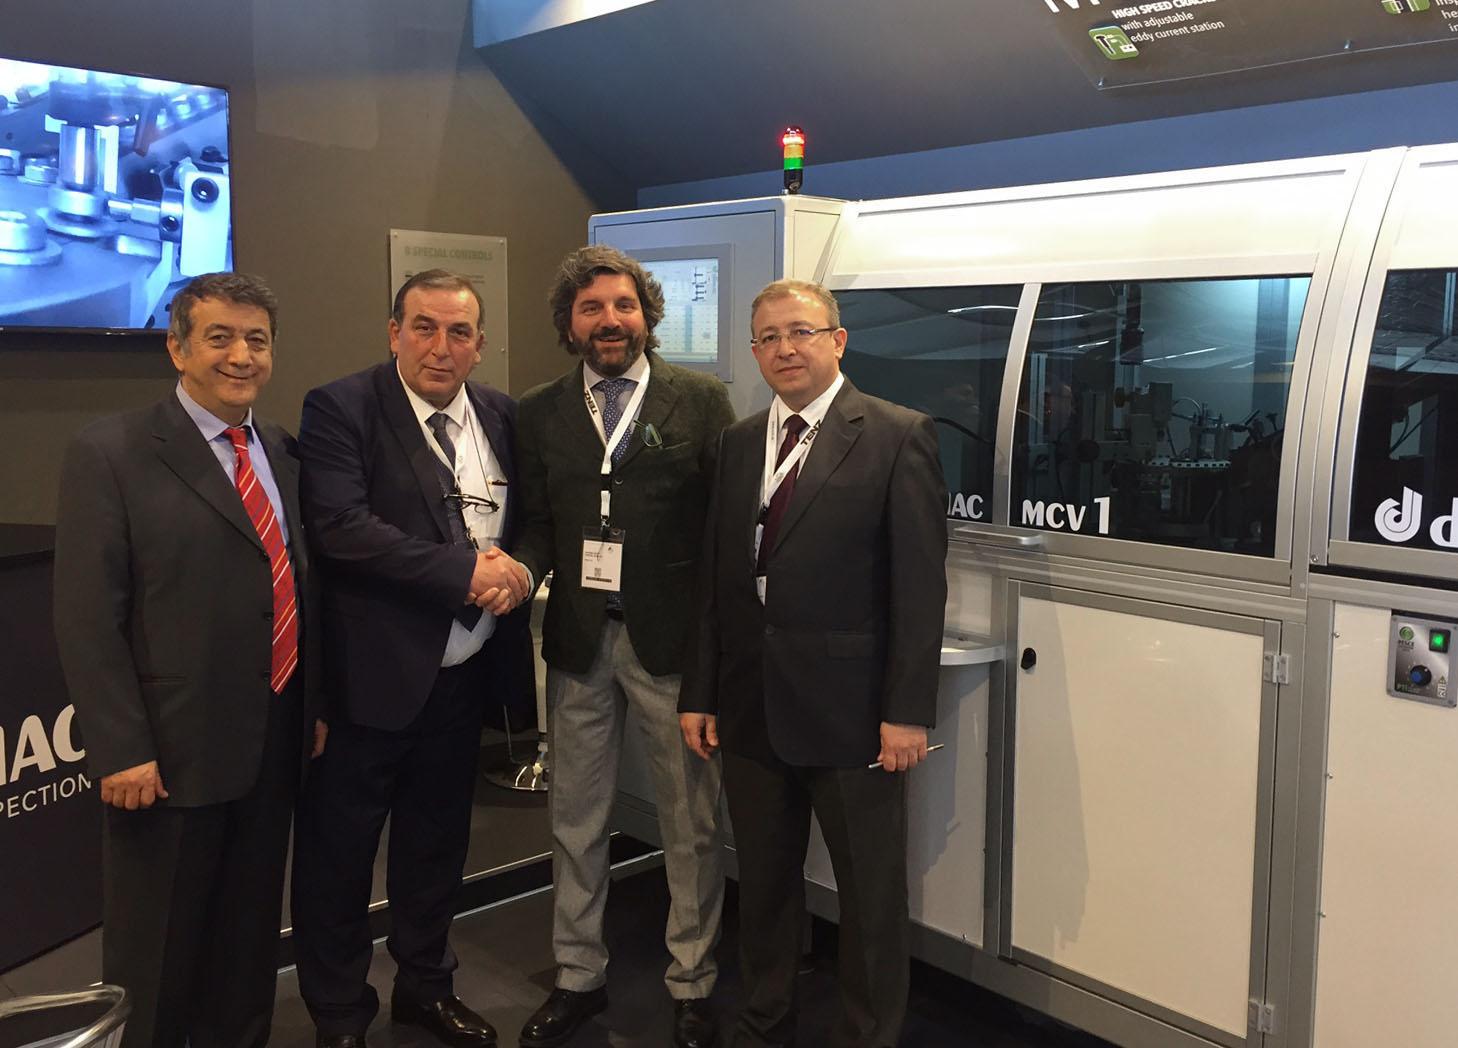 Dimac, macchine per il controllo e la selezione dei fasteners, con cliente Teknoform Turchia allo stand fiera Fasteners